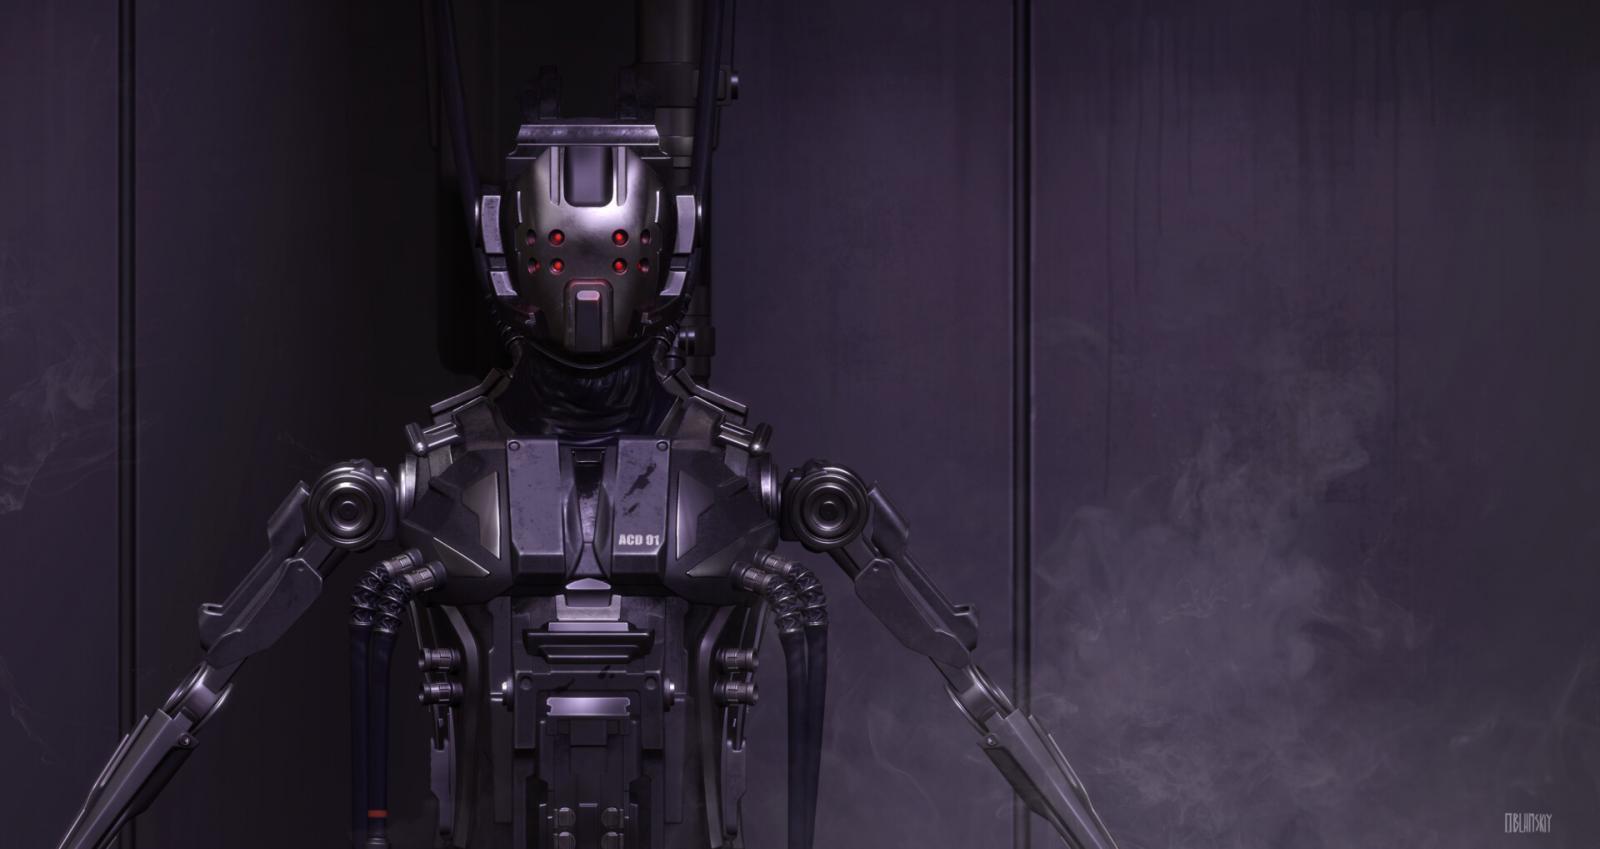 andrew-oblamskiy-robotconstructor.jpg